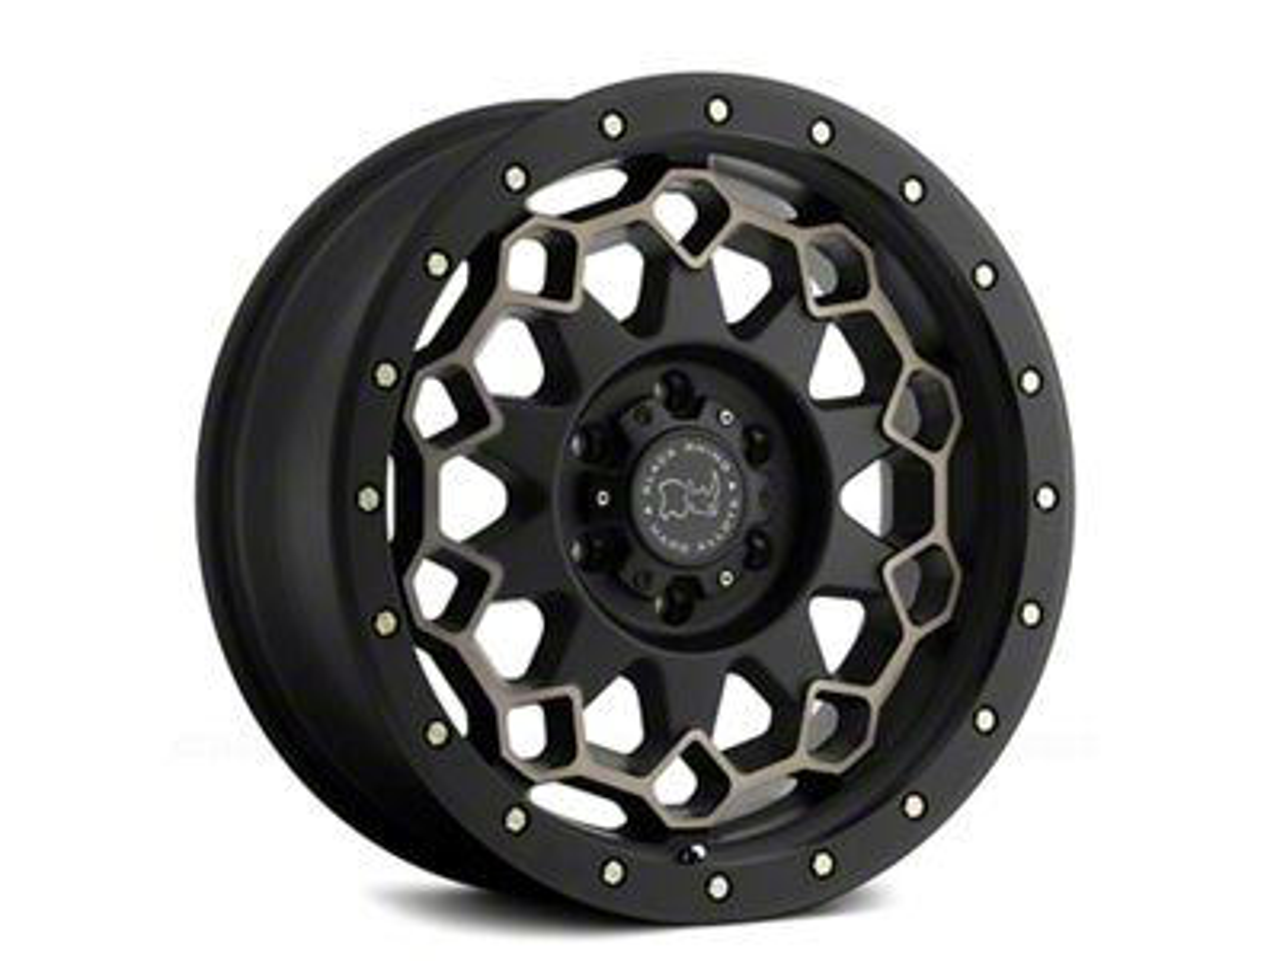 Black Rhino Diamante Matte Black Machined 6-Lug Wheel - 18x9 (99-18 Silverado 1500)